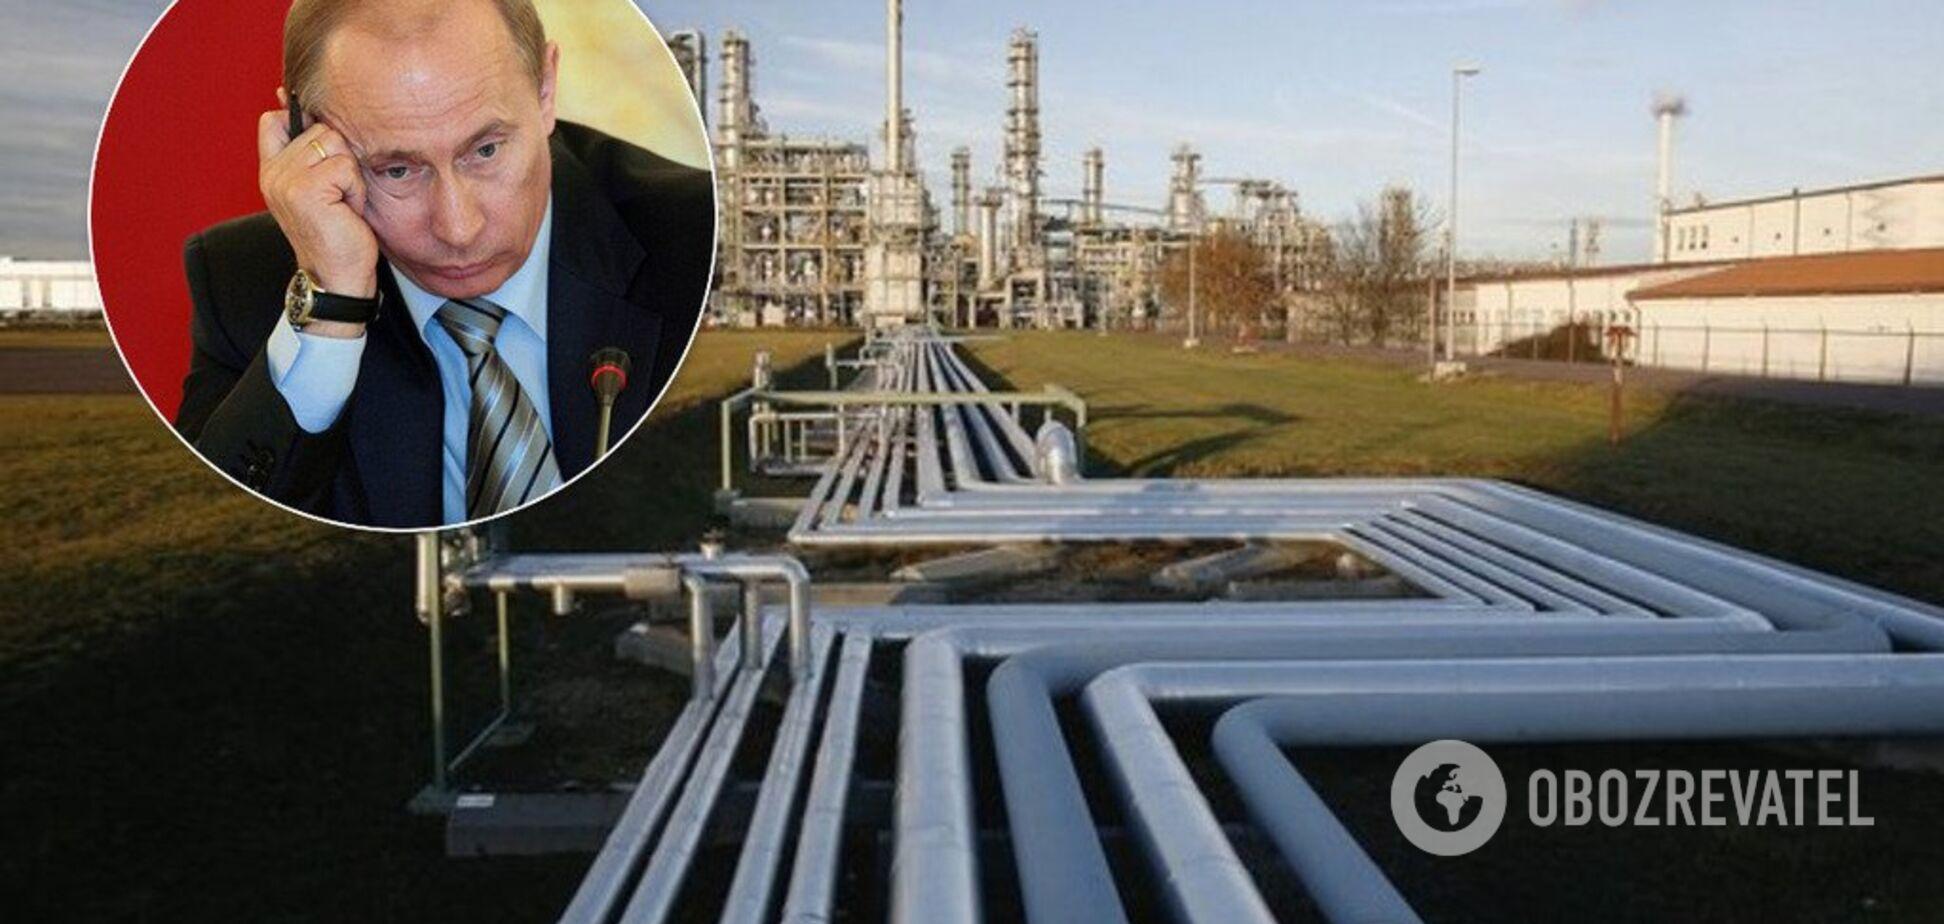 В Беларуси выдвинули 'нефтяной ультиматум' Путину